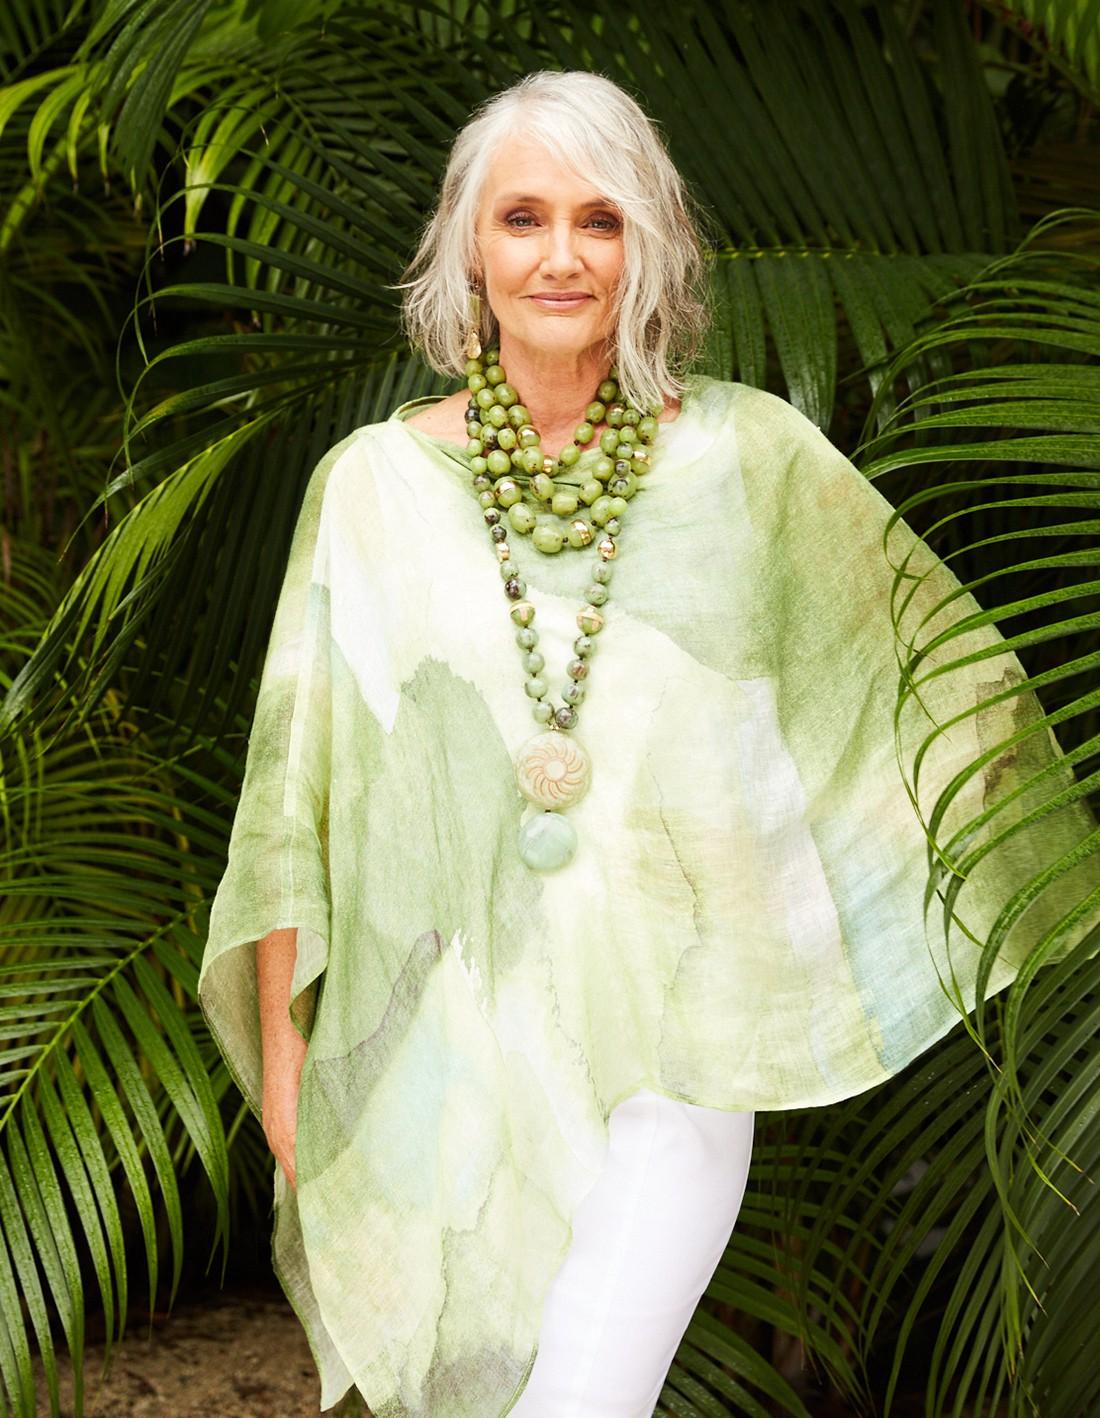 Cindy Joseph: Người phụ nữ không sợ già, ngoài 50 tuổi tìm thấy tình yêu và trở thành người mẫu nổi tiếng thế giới-7